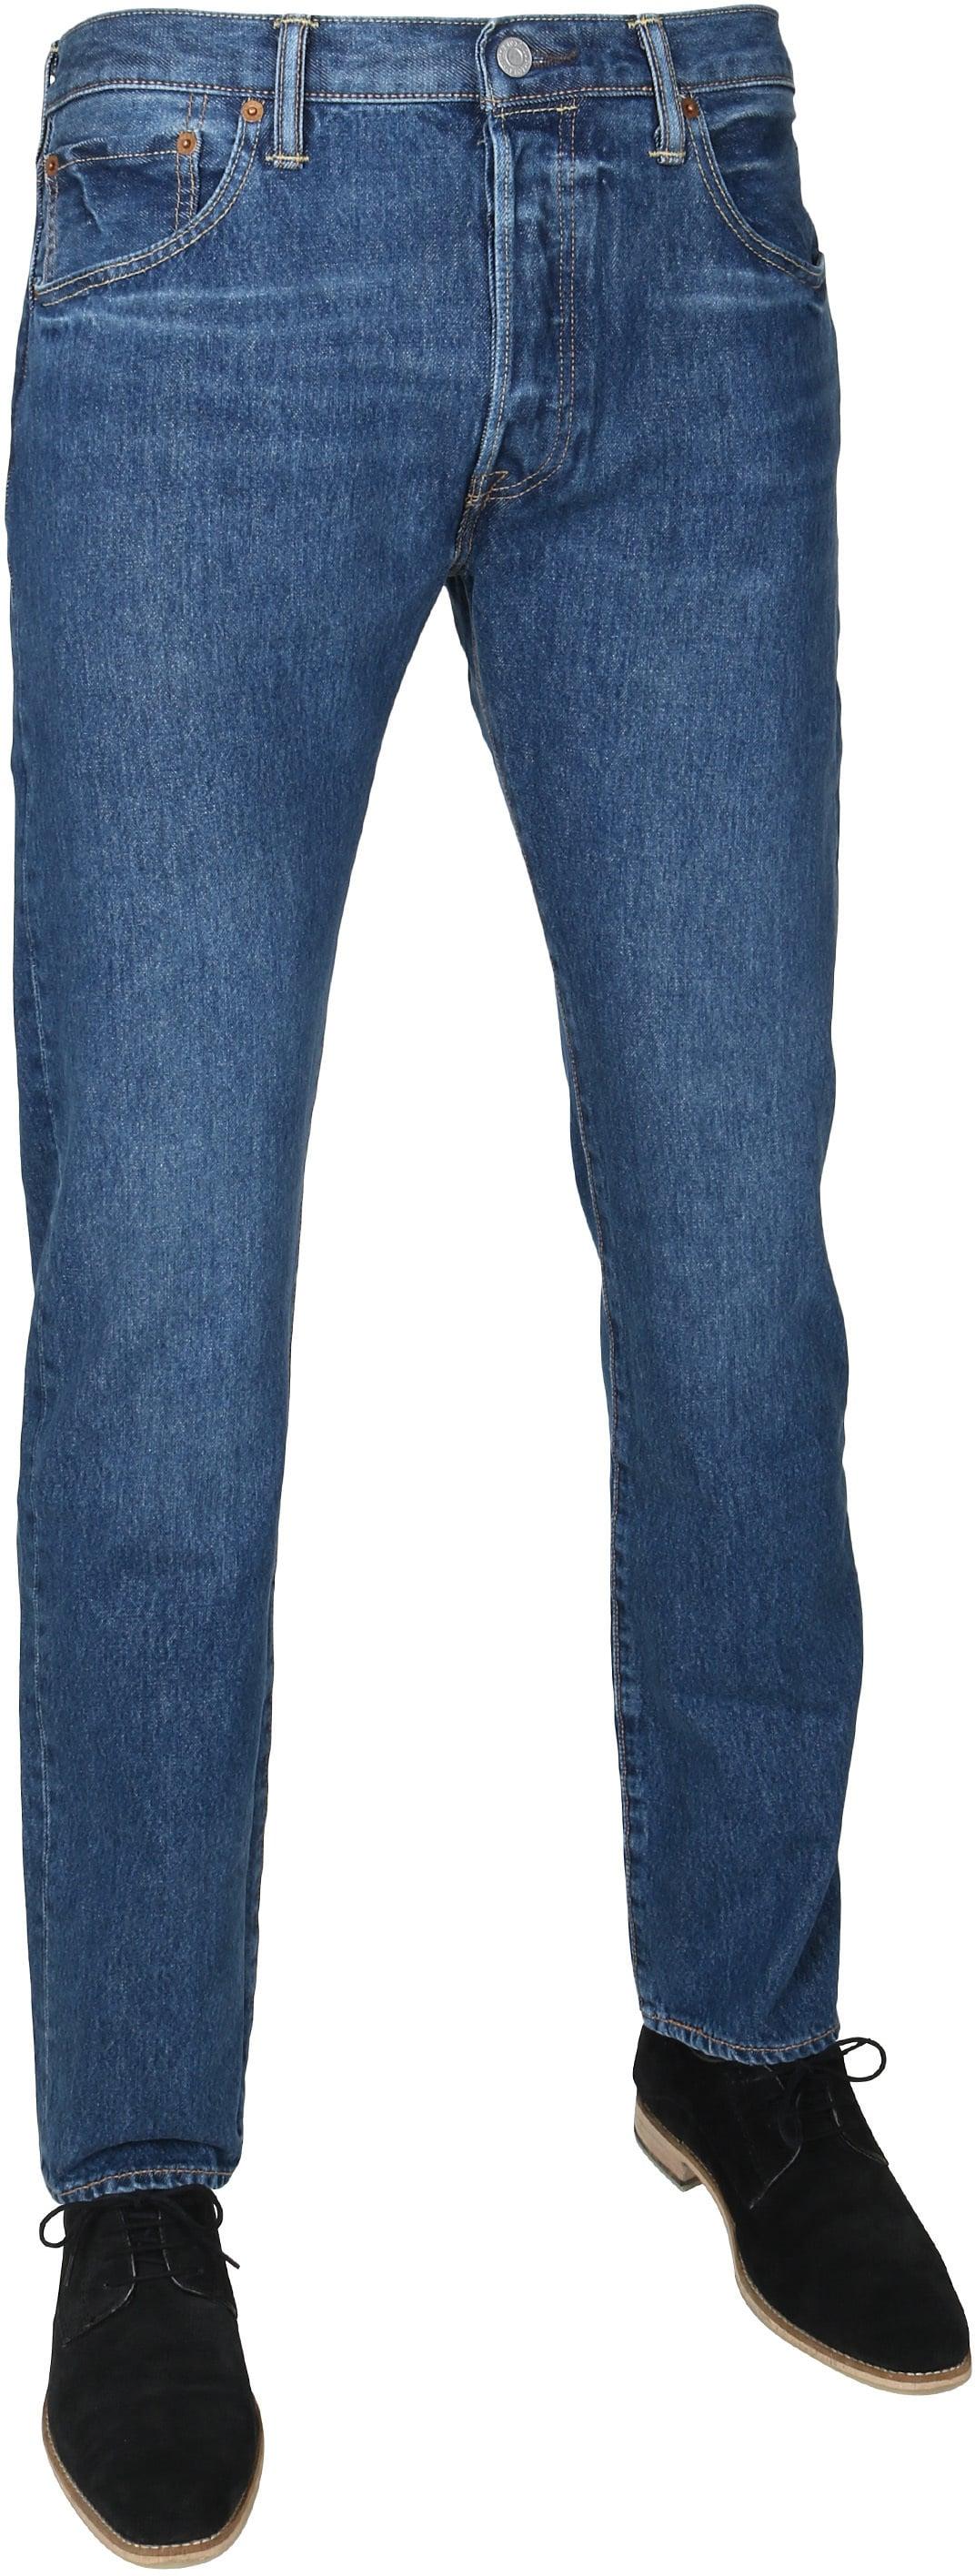 Levi's 501 Jeans Original Fit Navy foto 0